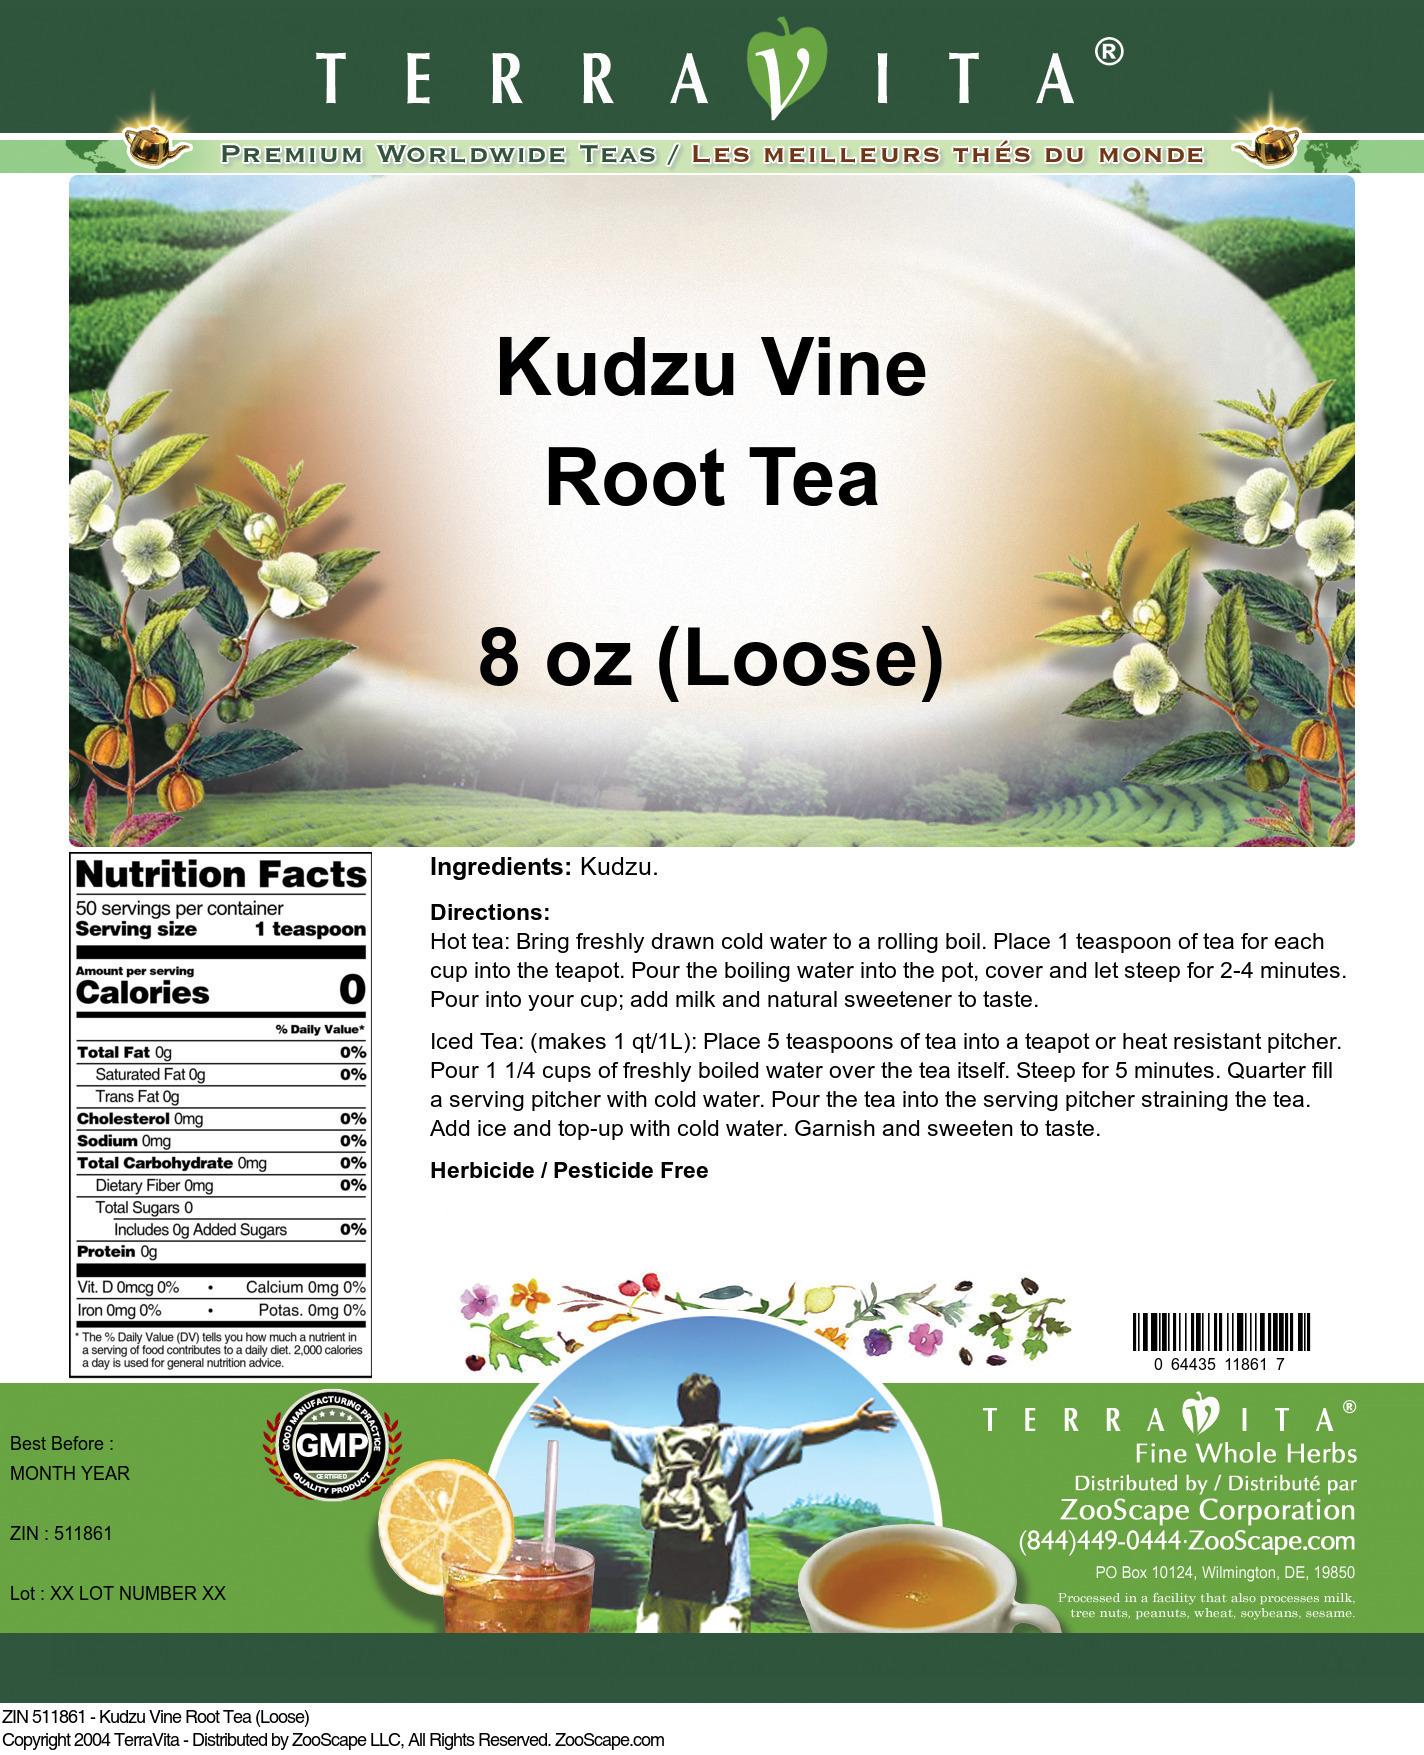 Kudzu Vine Root Tea (Loose)